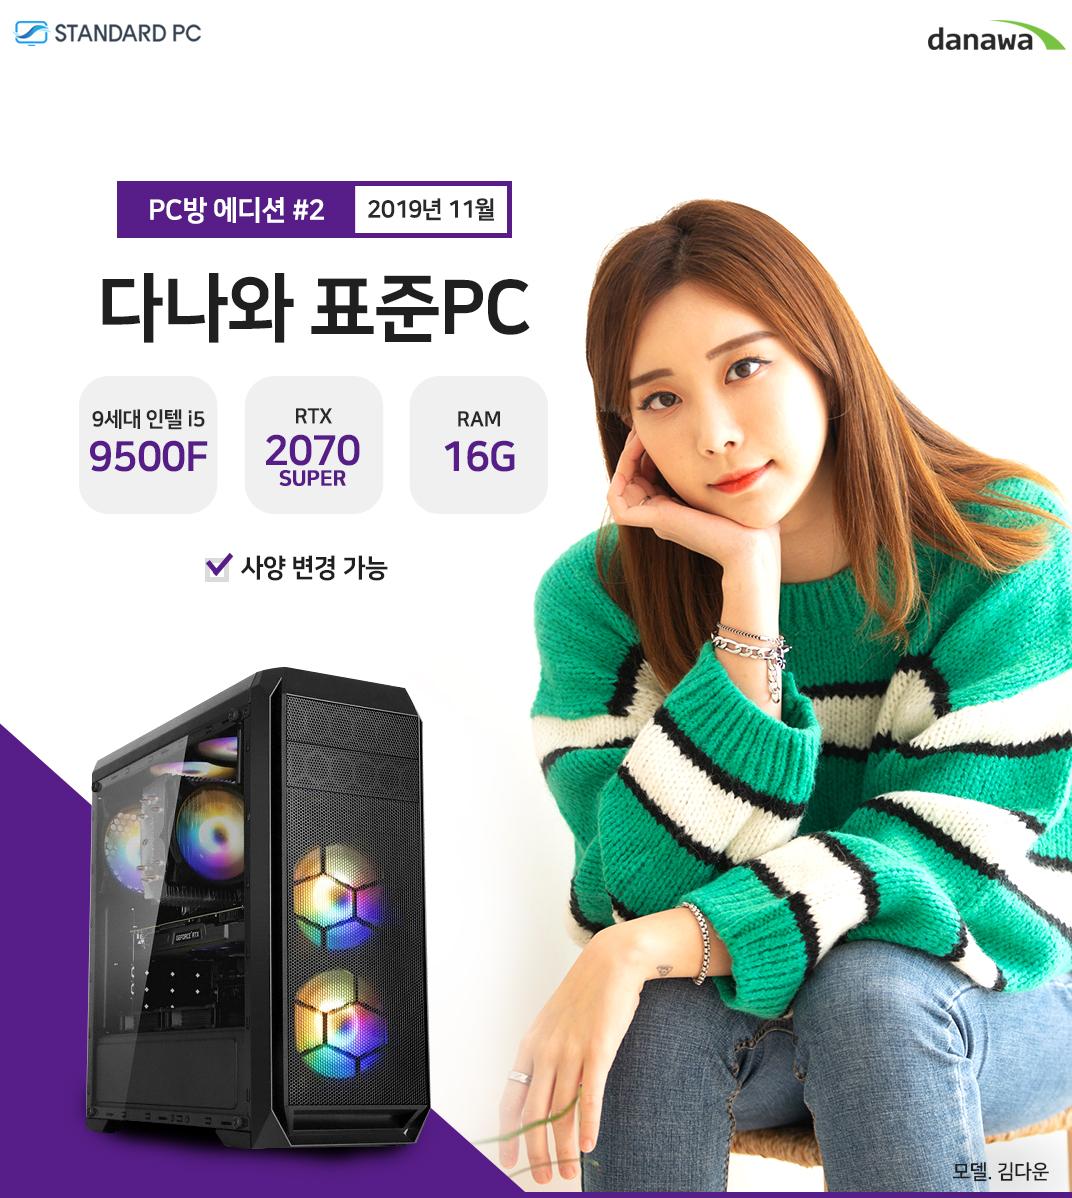 2019년 11월 다나와 표준PC PC방 에디션  인텔 i5-9세대 9400F  RTX 2070 SUPER RAM 16G 모델 문가경